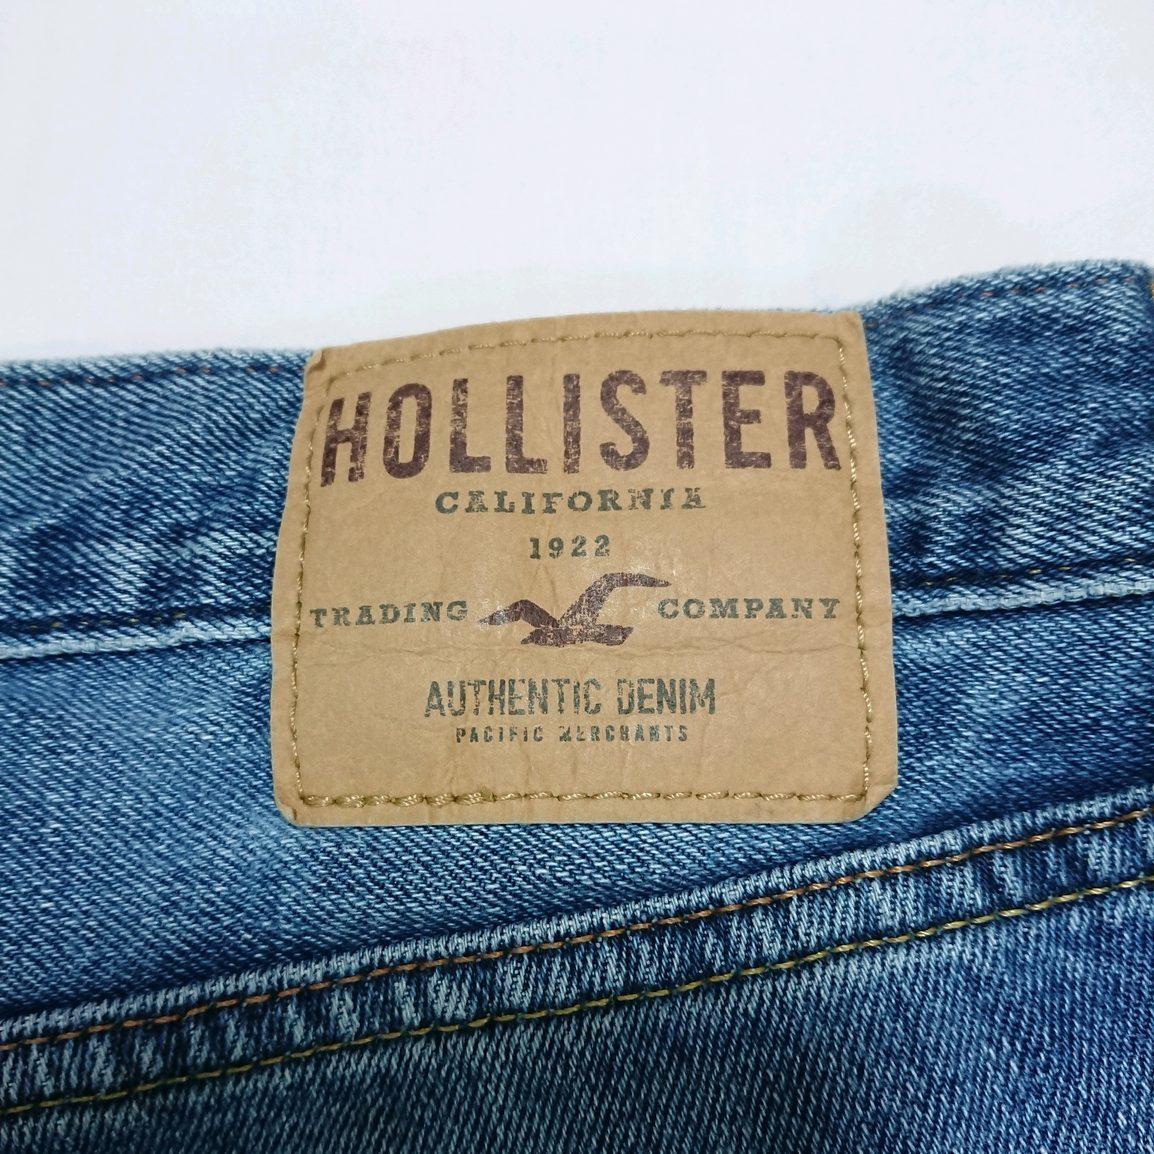 即決 送料無料 HOLLISTER スリムストレート ジーンズ デニム ジーパン ボタンフライ ホリスター 紺 29